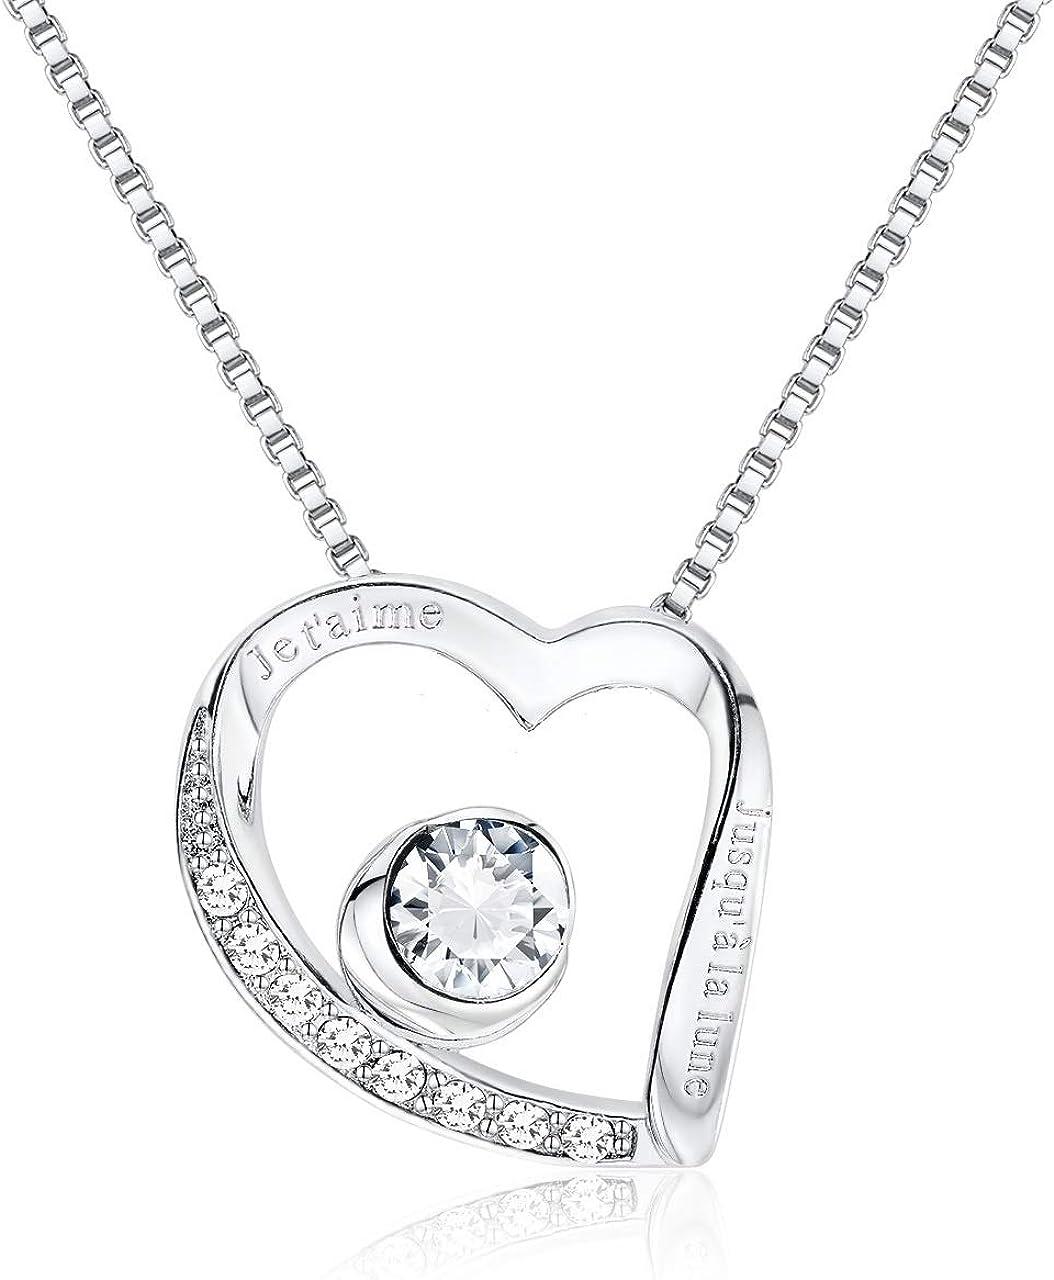 plaqu/é Or Blanc 18 carats Kzafrance Collier Je taime jusqu/à la Lune Collier Coeur grav/é et orn/é dun Cristal de Swarovski